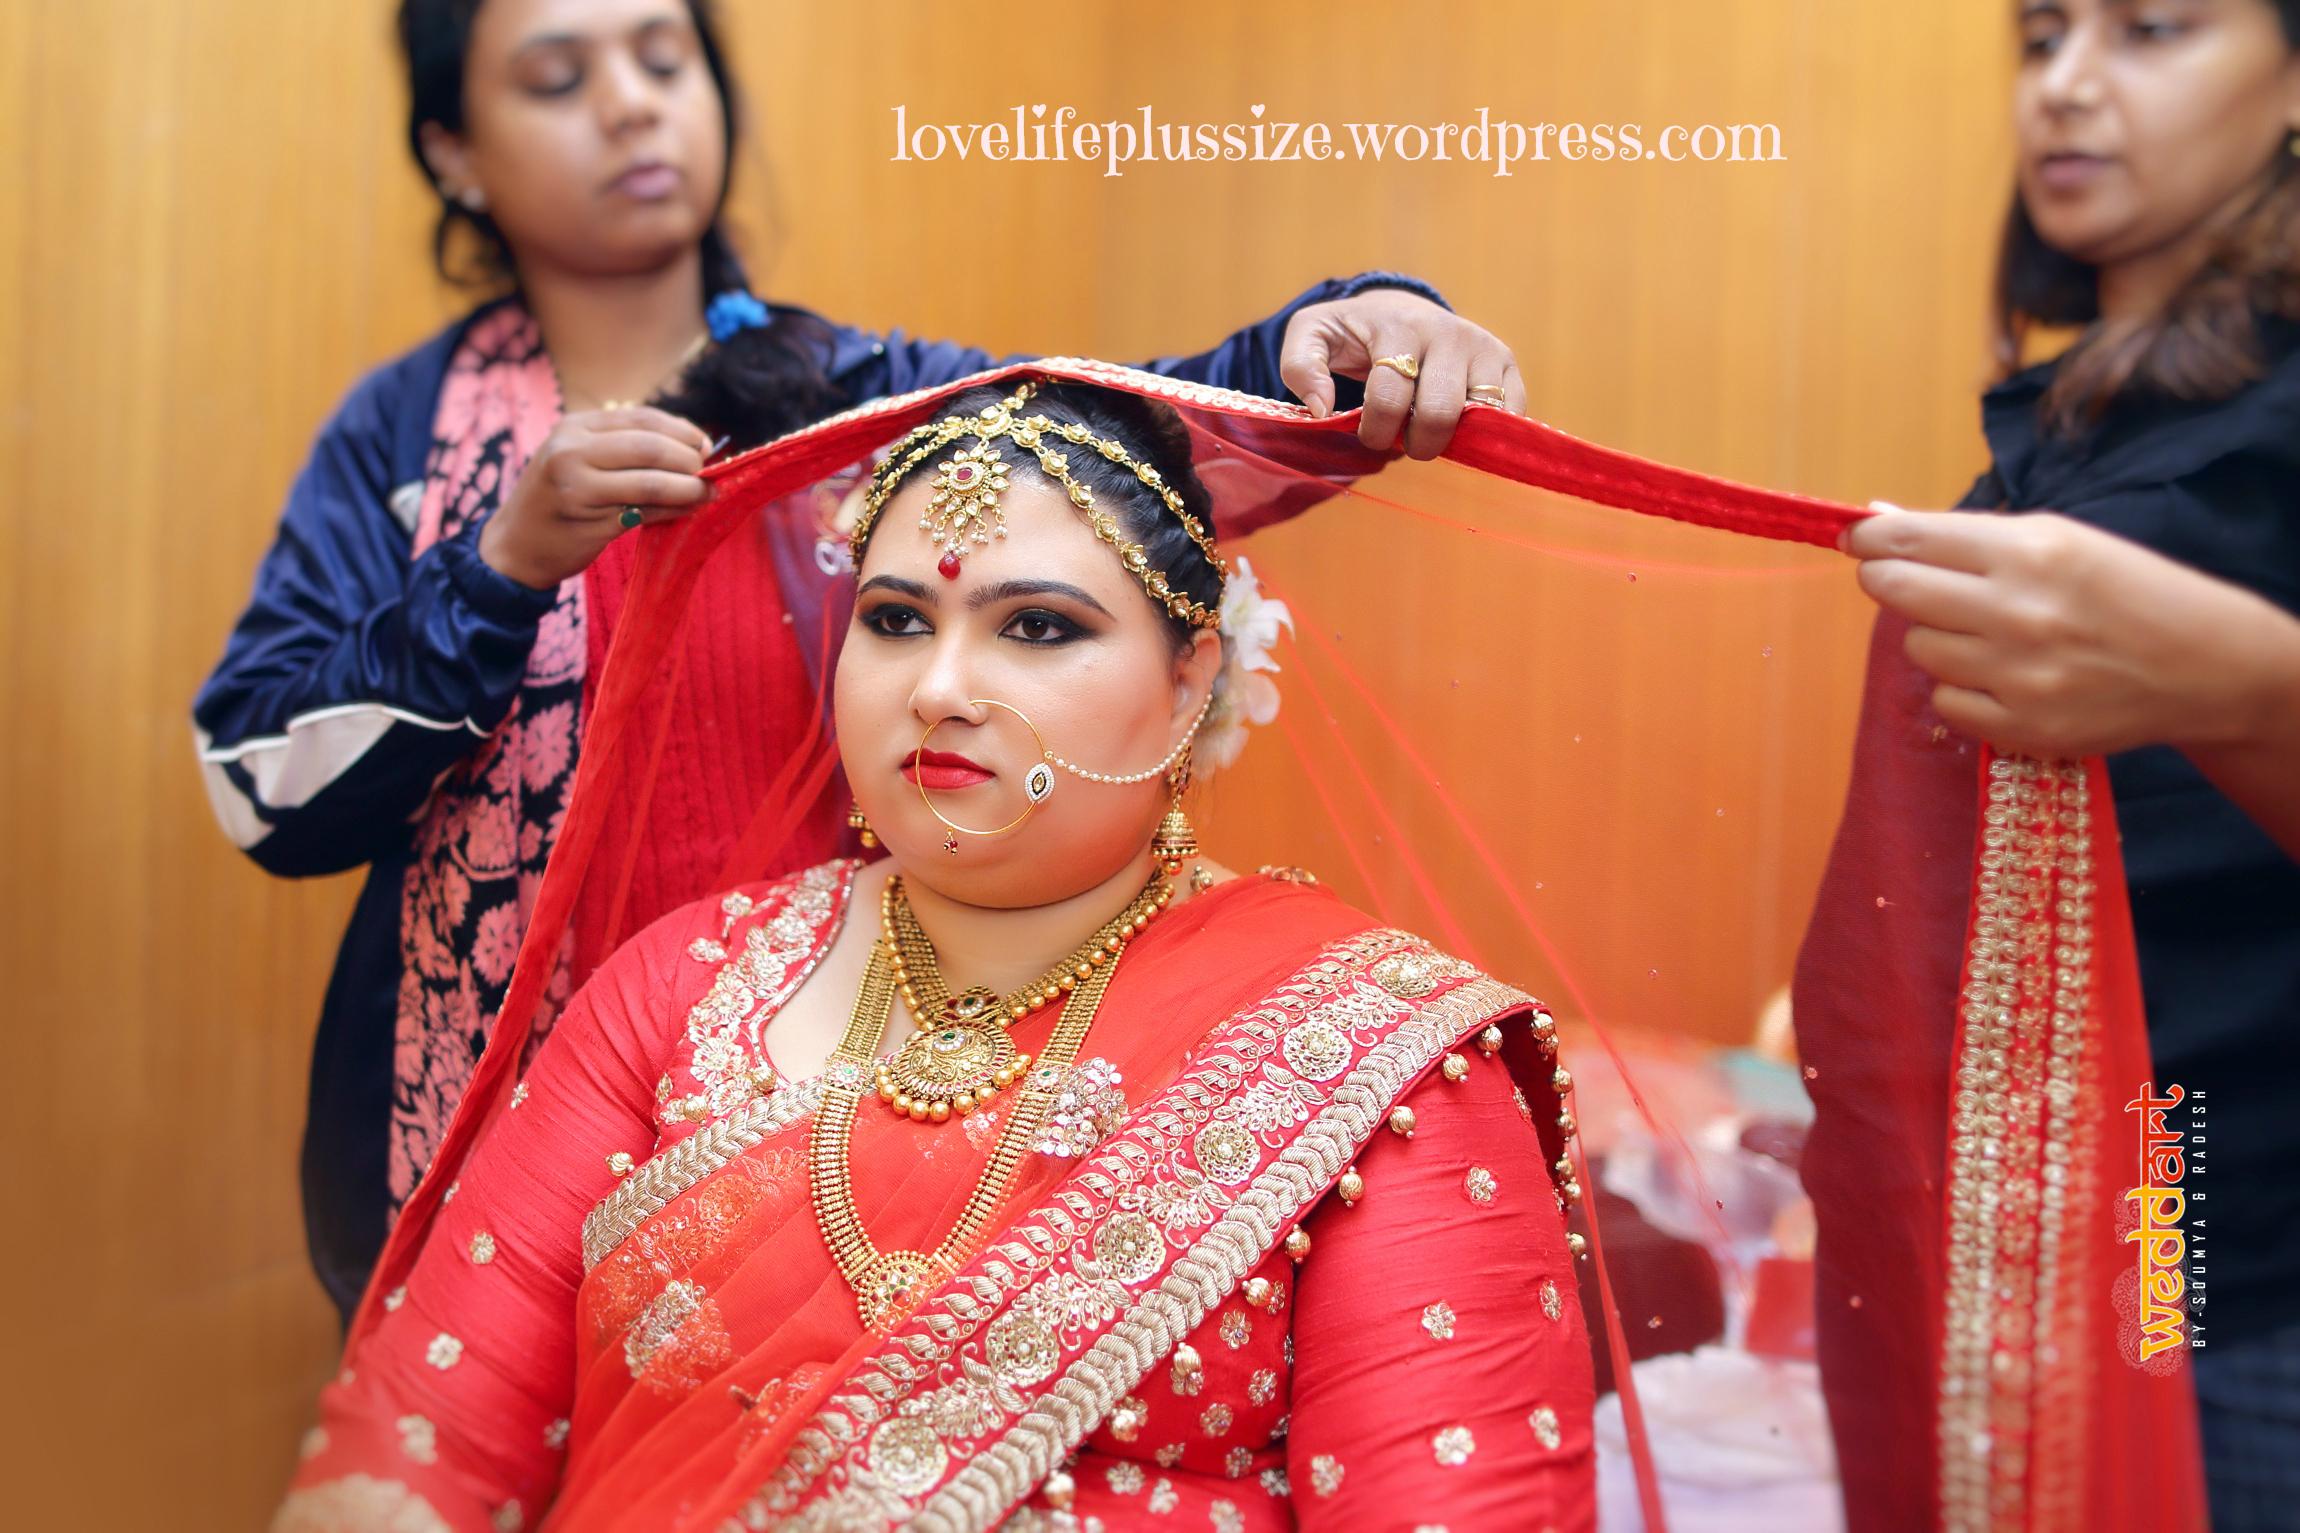 Indian Plus Size Bride Love Life Plus Size